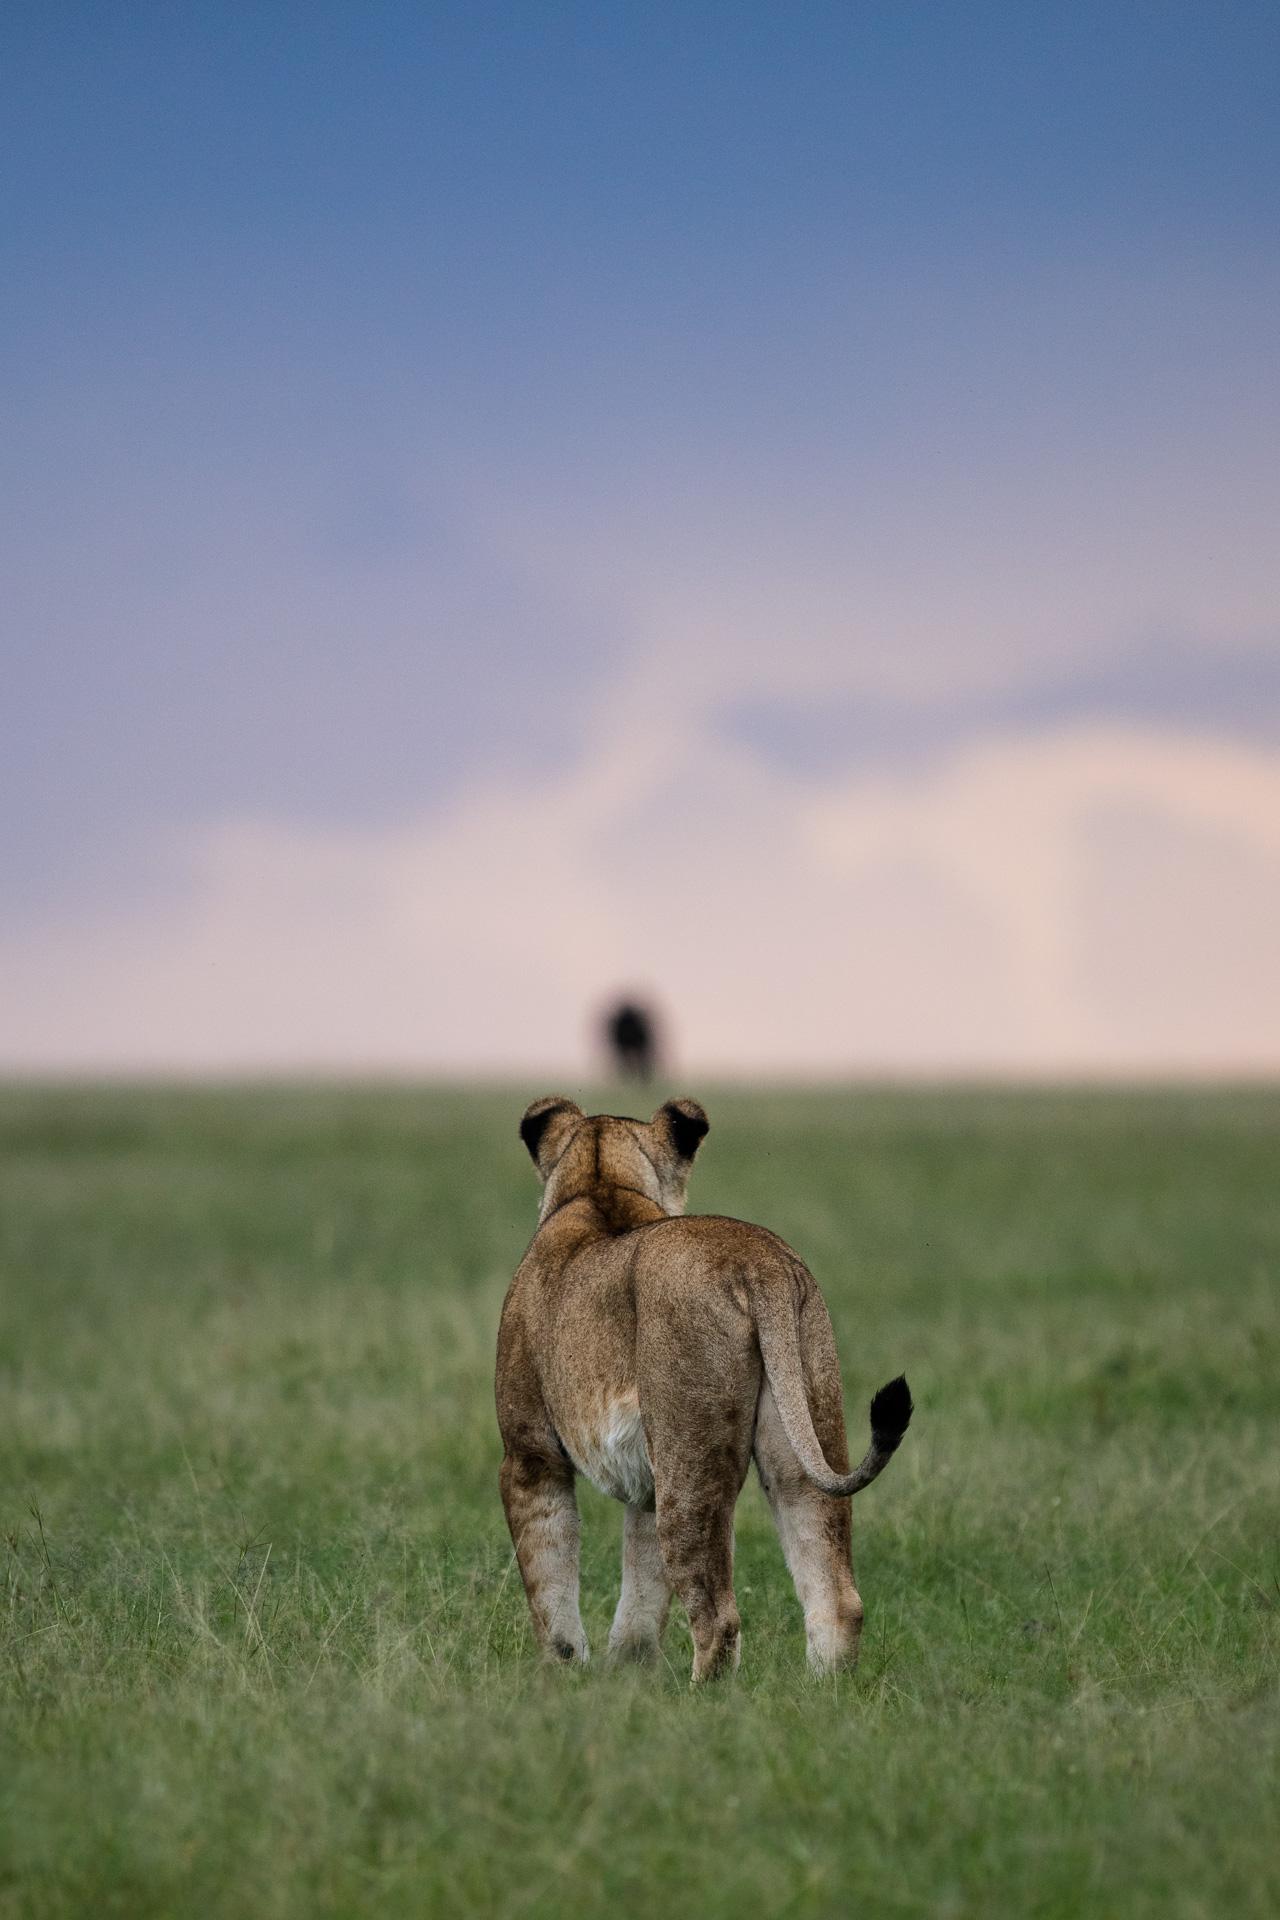 lion back